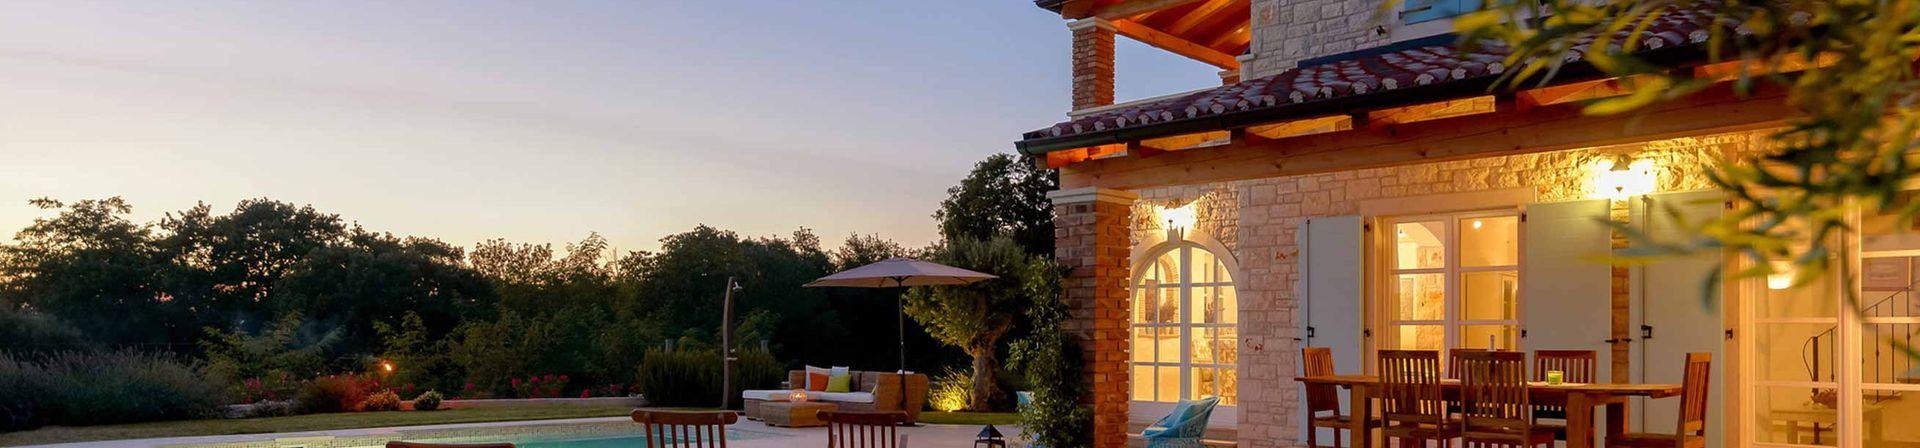 Abritel - Homeaway   Locations Vacances, Locations ... destiné Hotel Lisbonne Avec Piscine